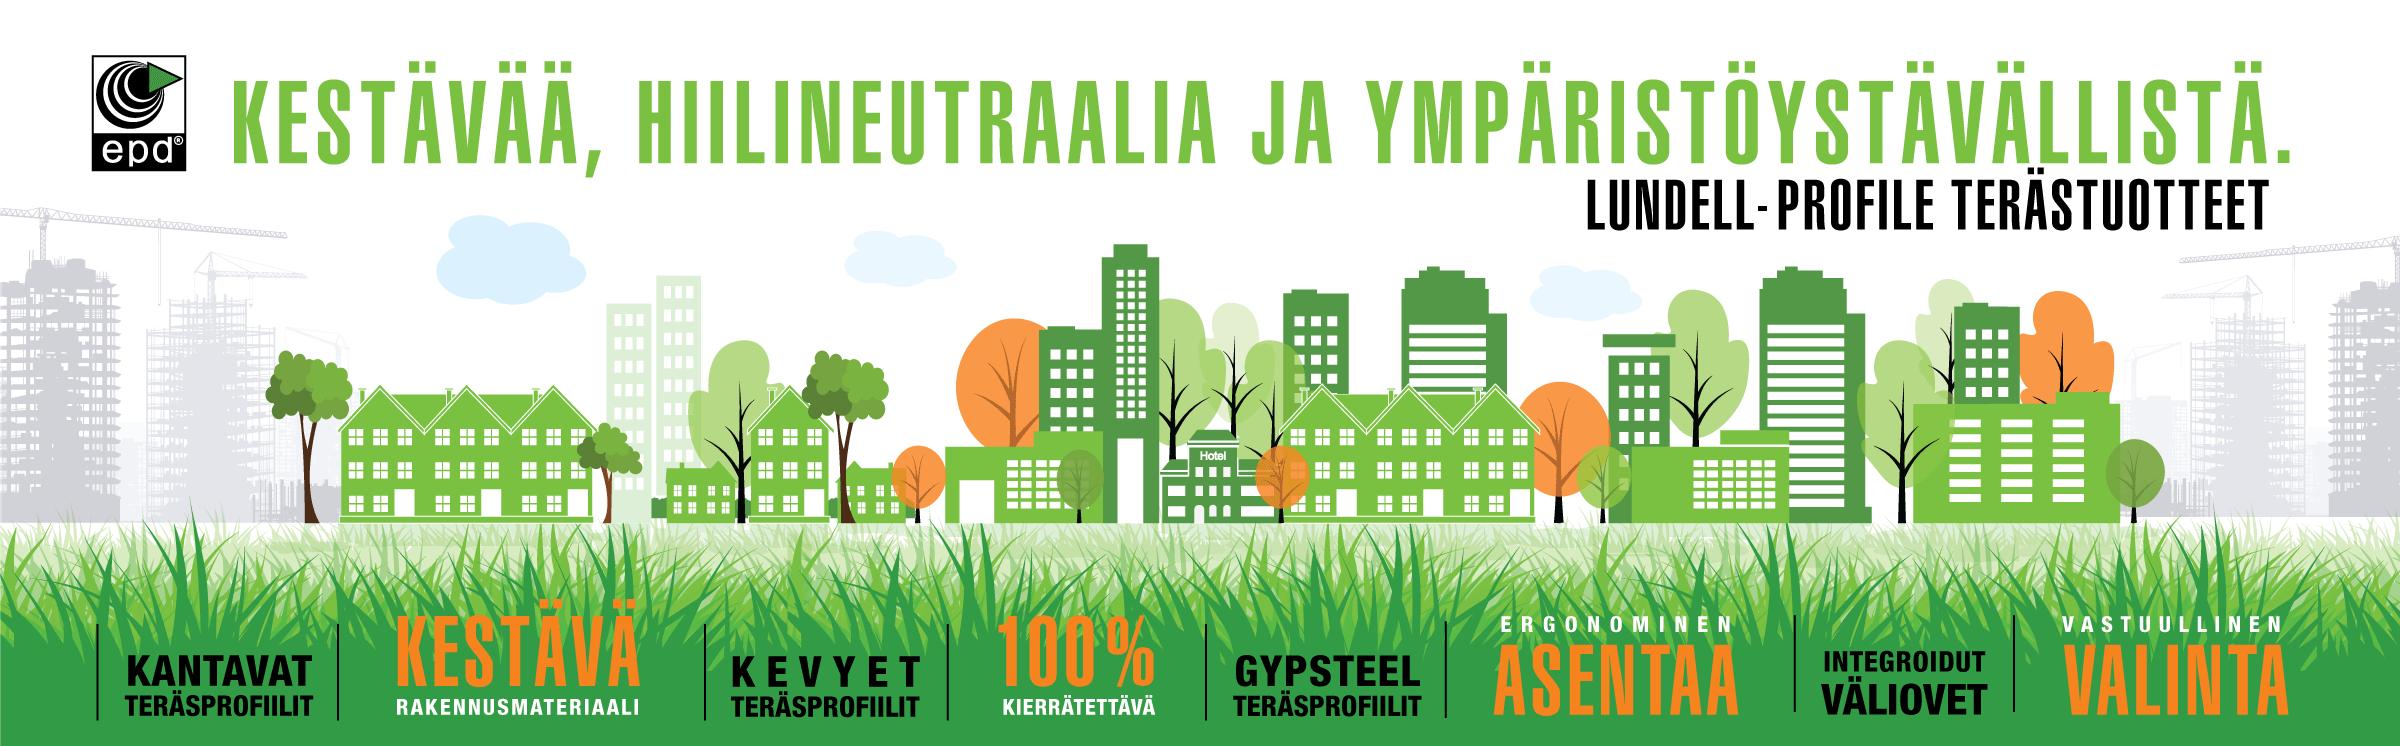 Aulis Lundell Oy etusivu  teräs ja ympäristö